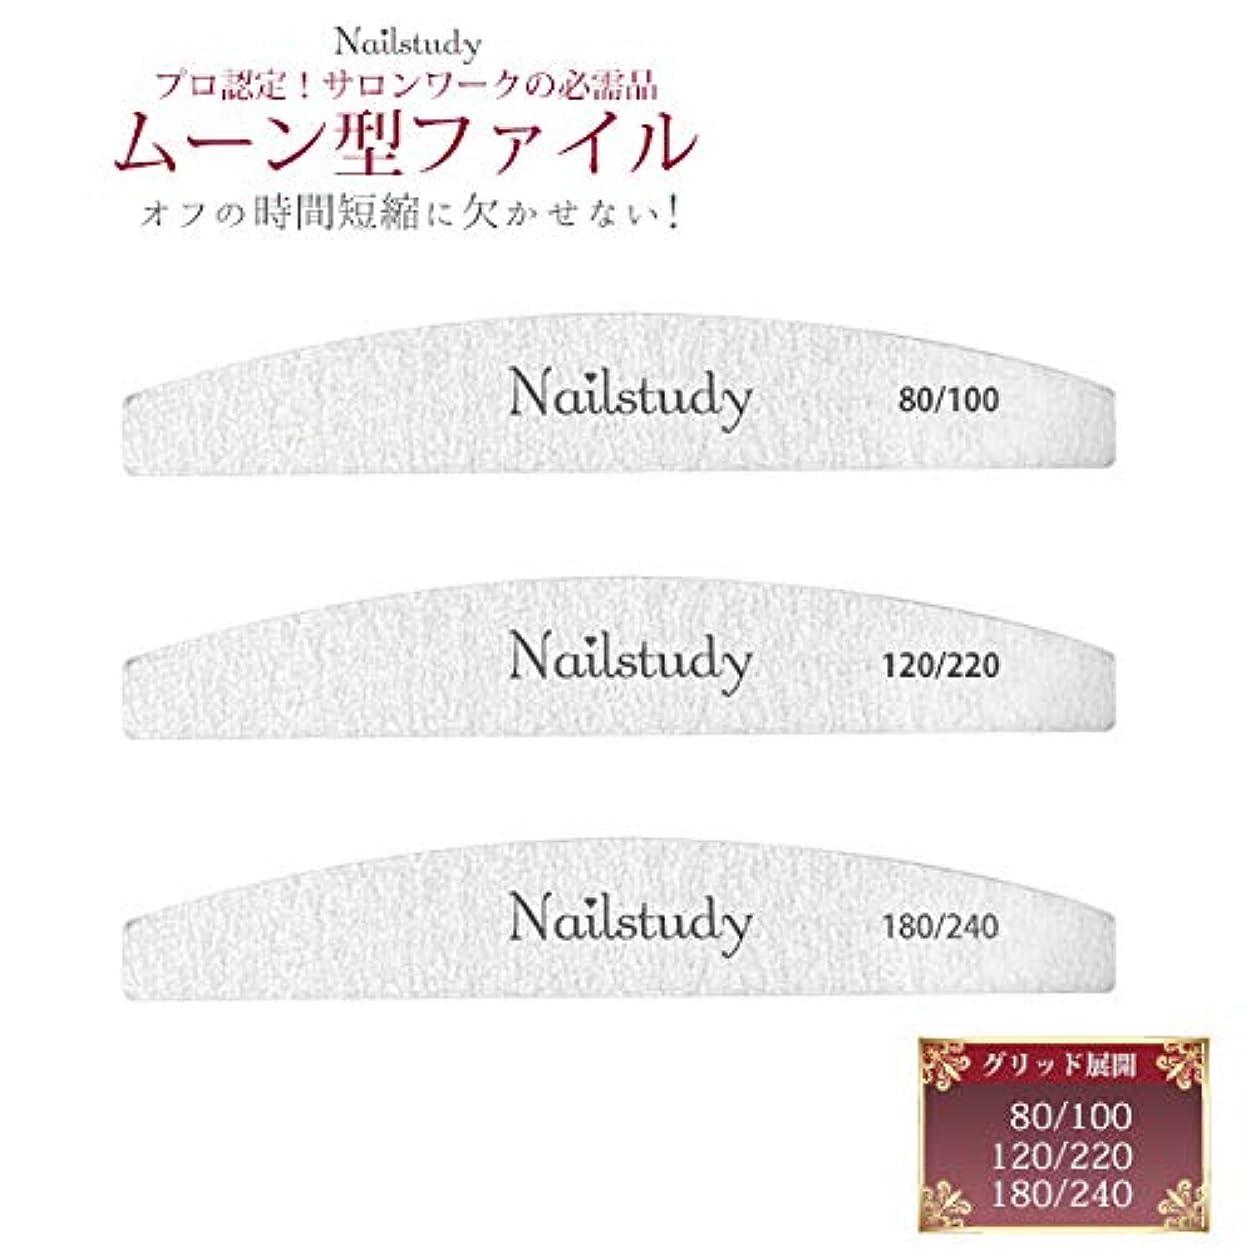 佐賀バイオレットフルーティーネイルファイル ムーン型 (180/240)